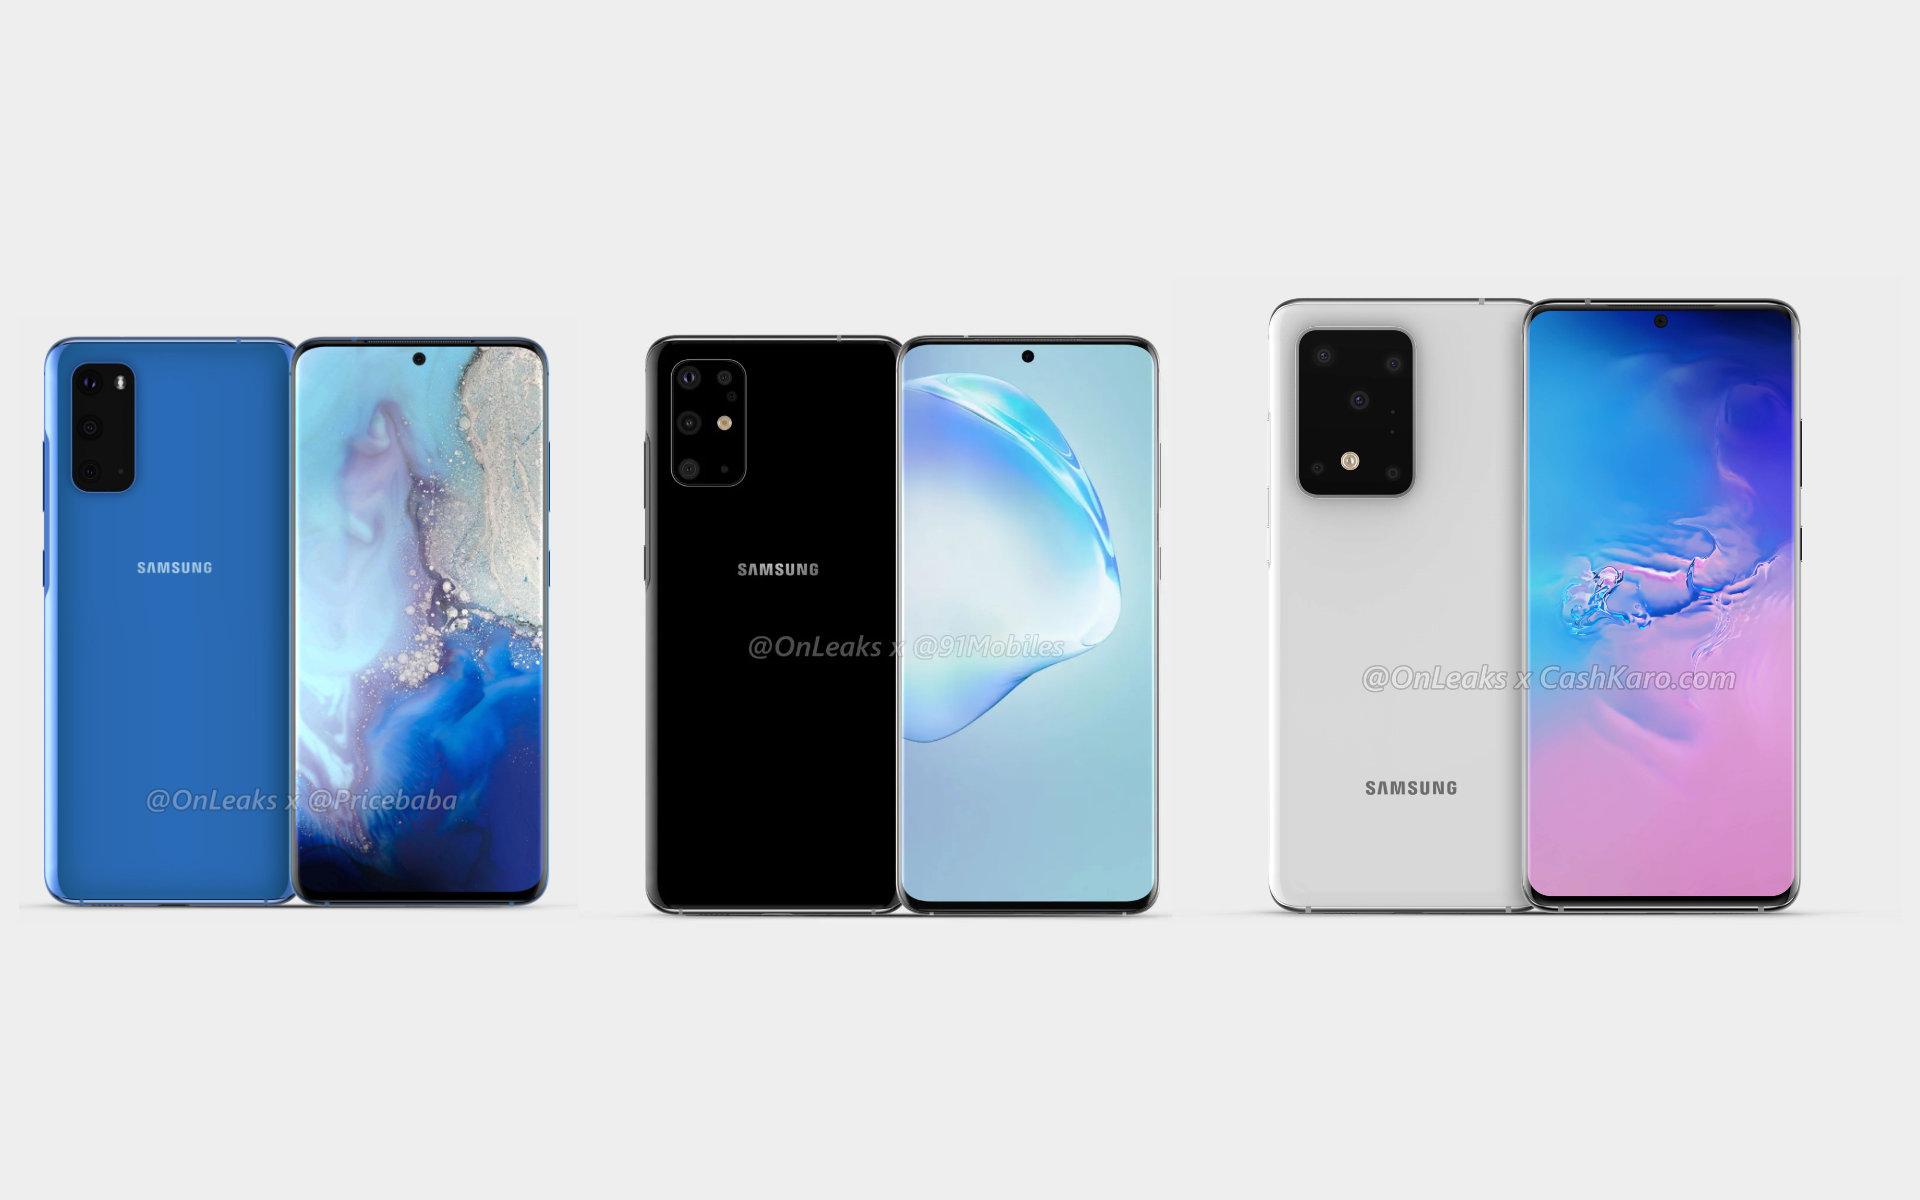 Samsung Galaxy S20, S20+, S20 Ultra (Galaxy S11) : date de sortie, fiche technique, photo… tout ce que l'on sait sur le prochain fleuron coréen